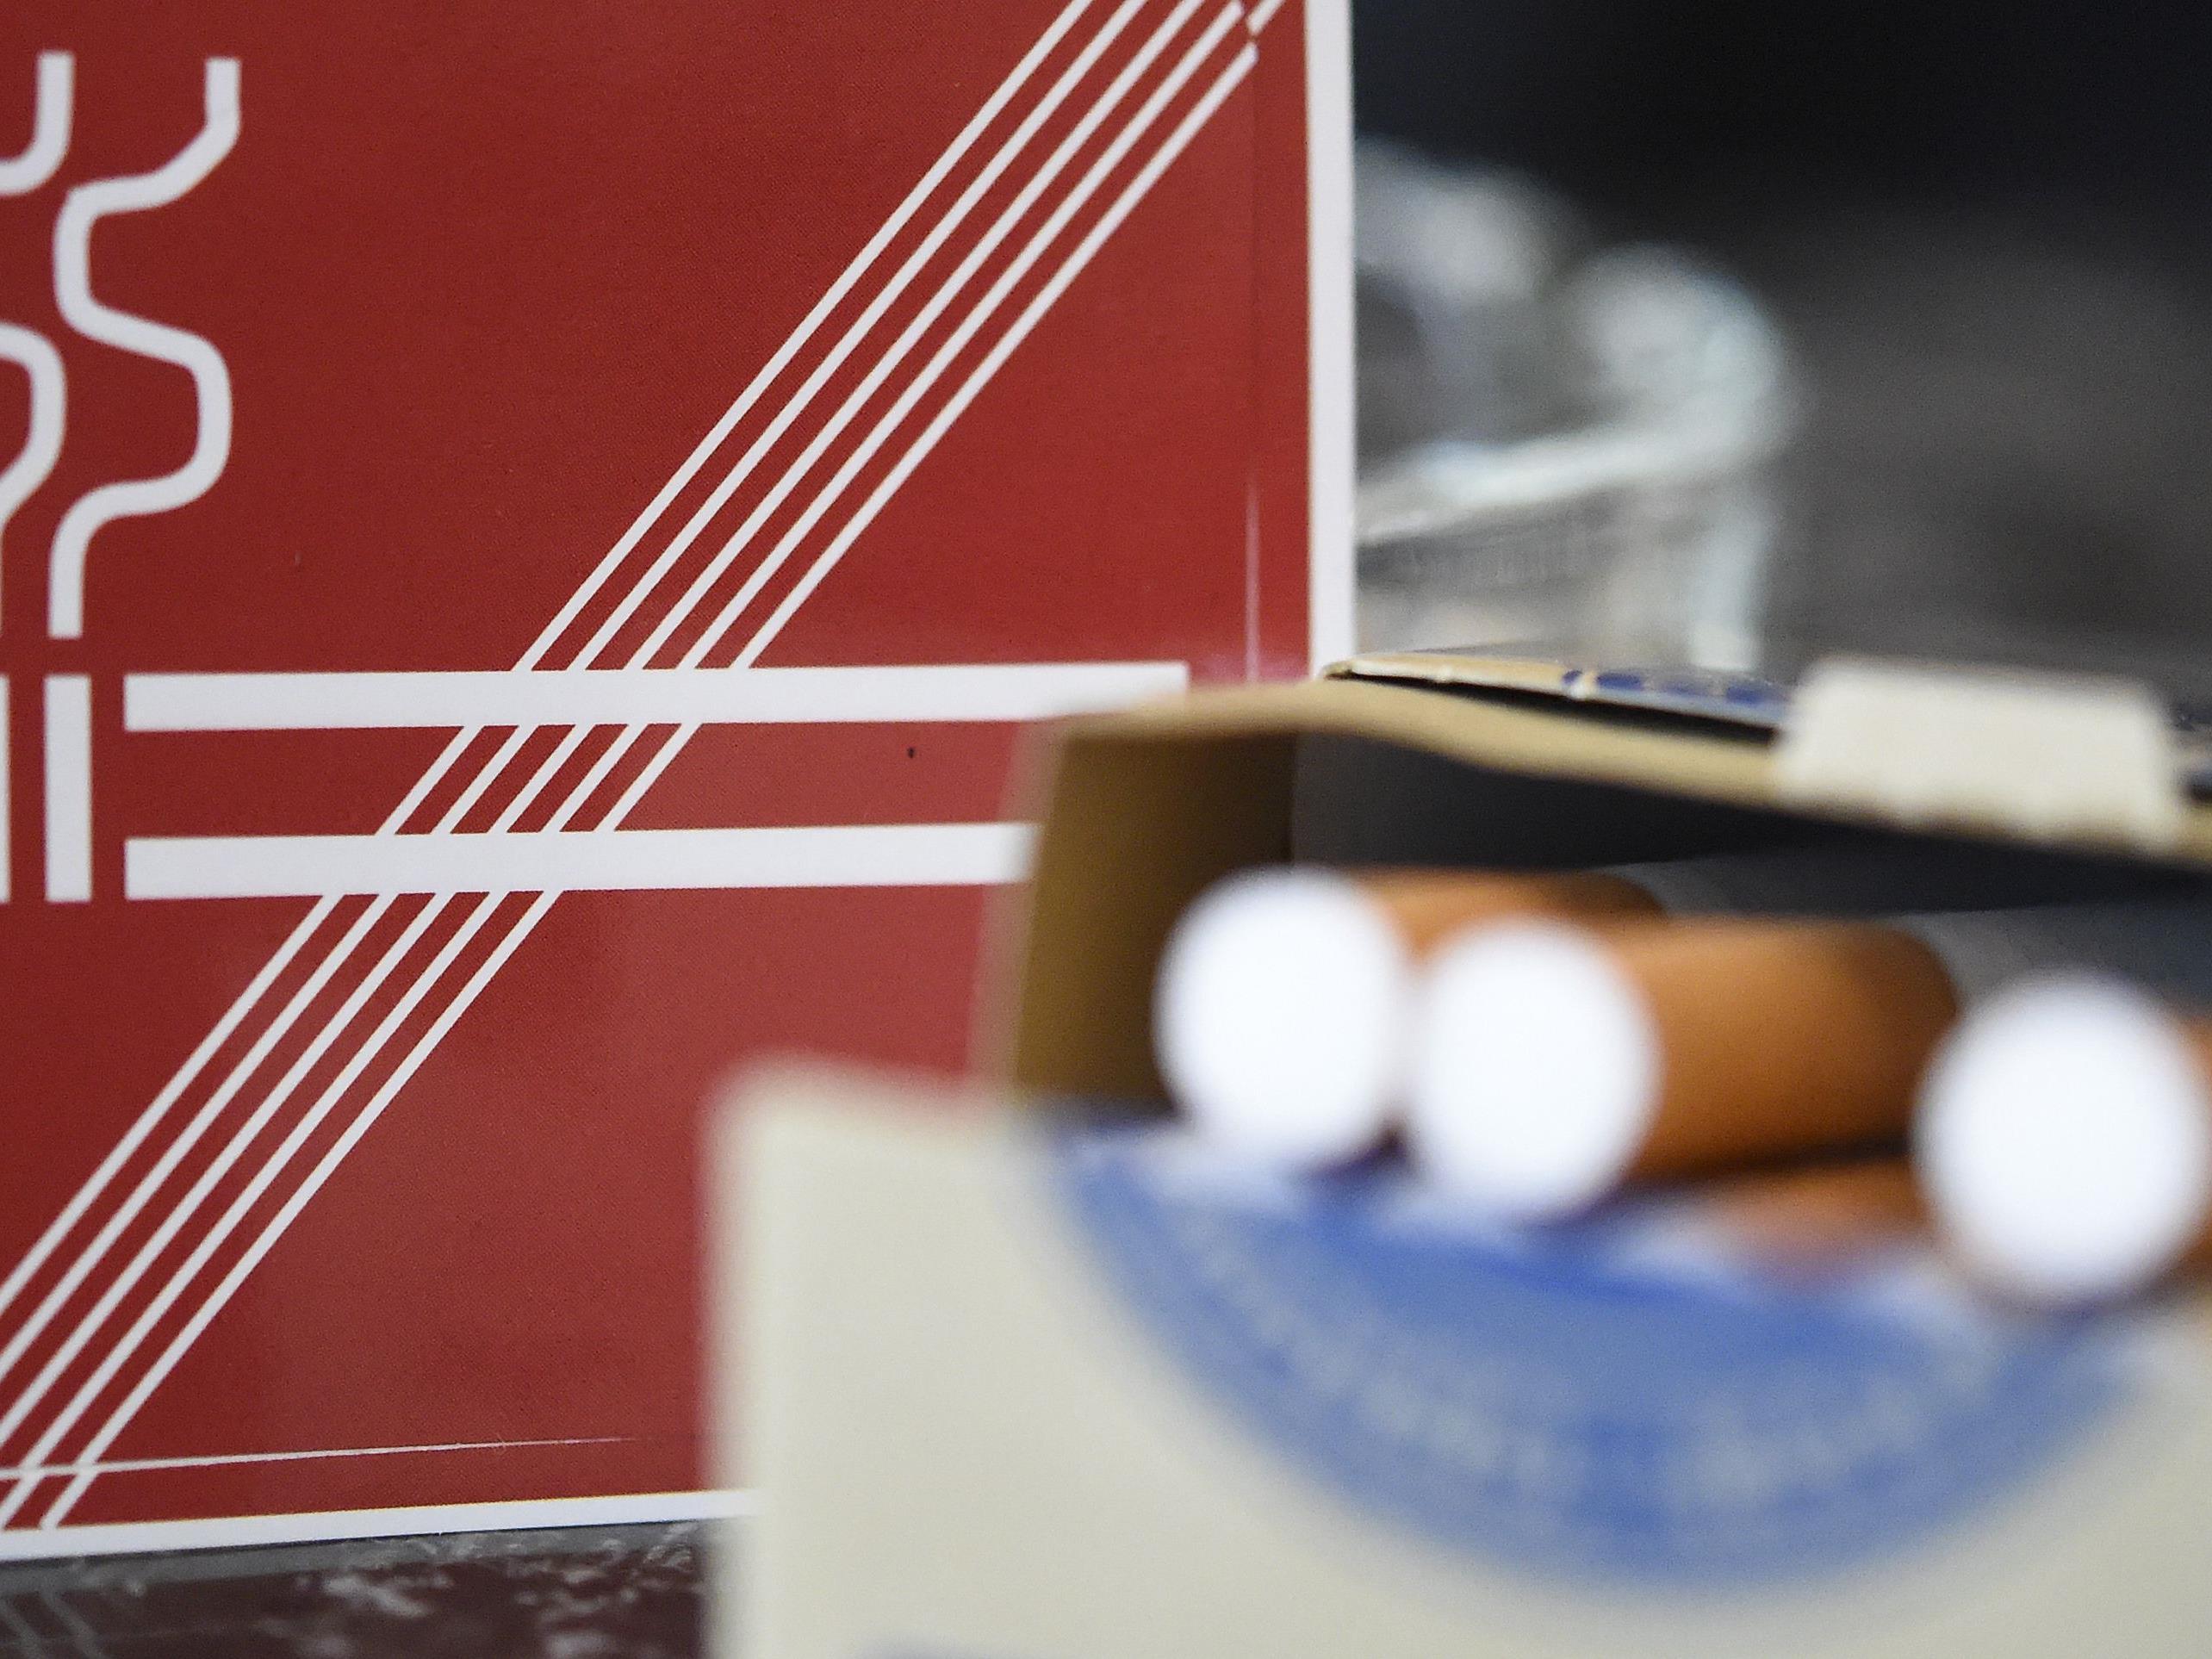 Eine neue Studie der WHO gibt Einblicke in die Wirkung der Anti-Tabak-Maßnahmen